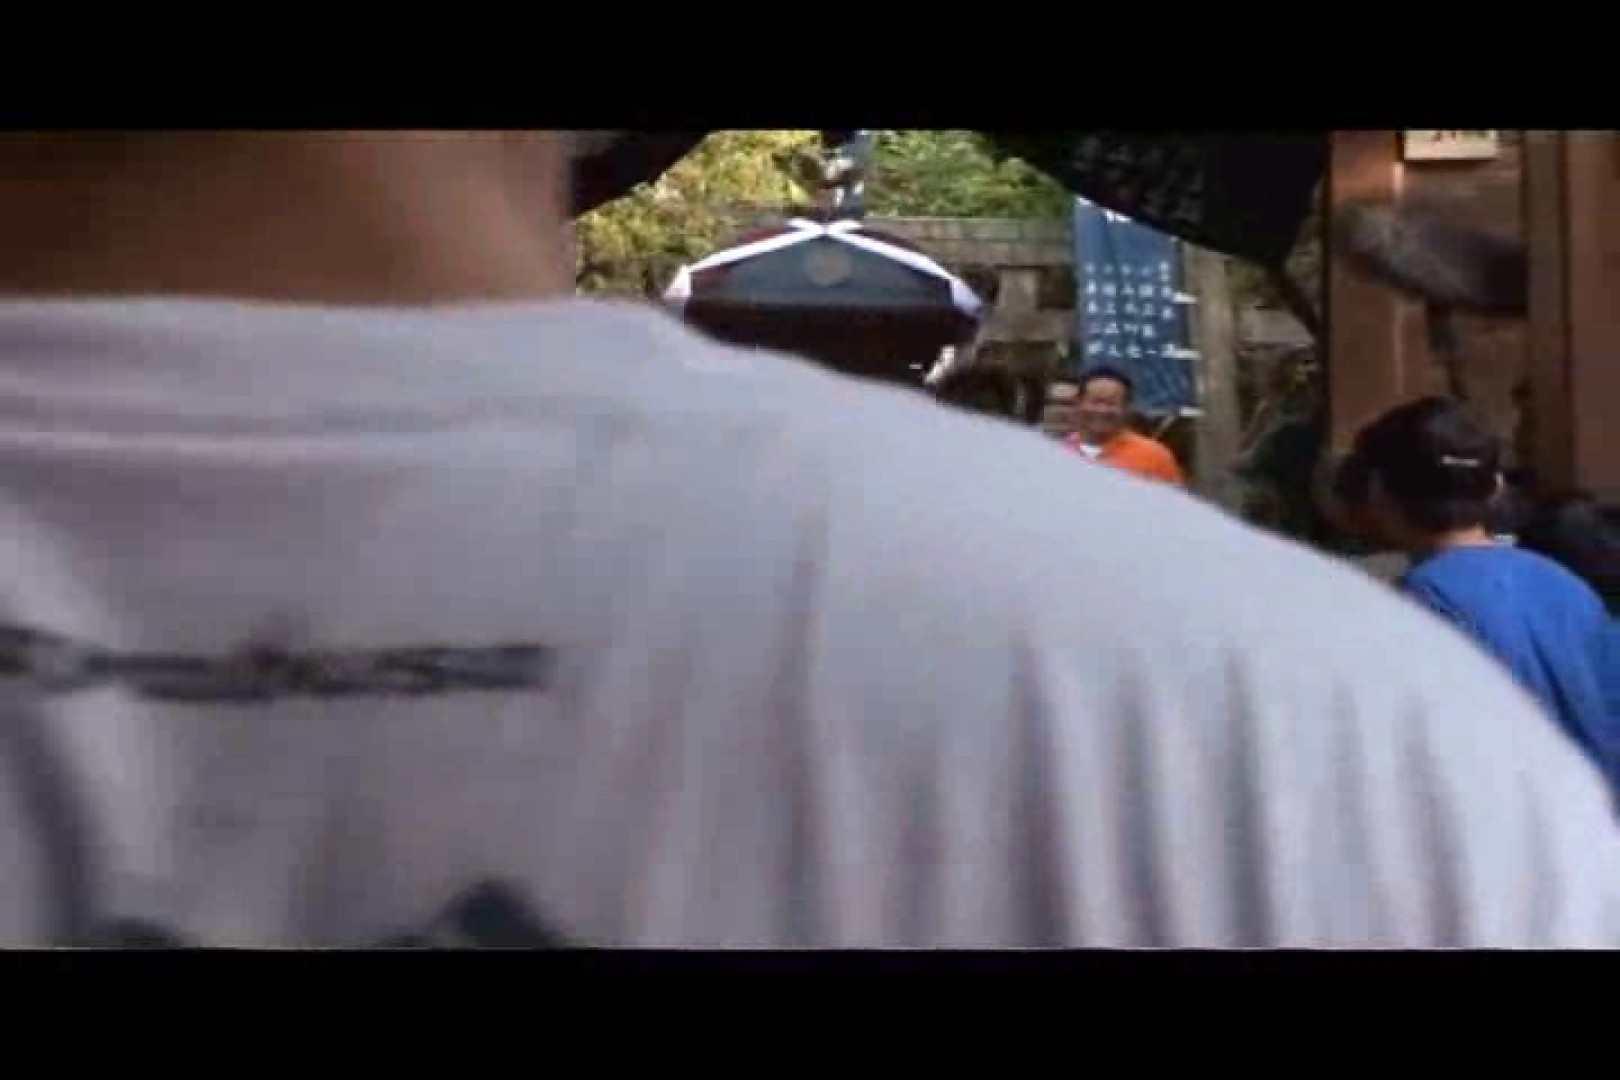 ゲイところてん 真鍋島の走り神輿 高画質バージョンVOL.02 ミサイルゲイボーイ